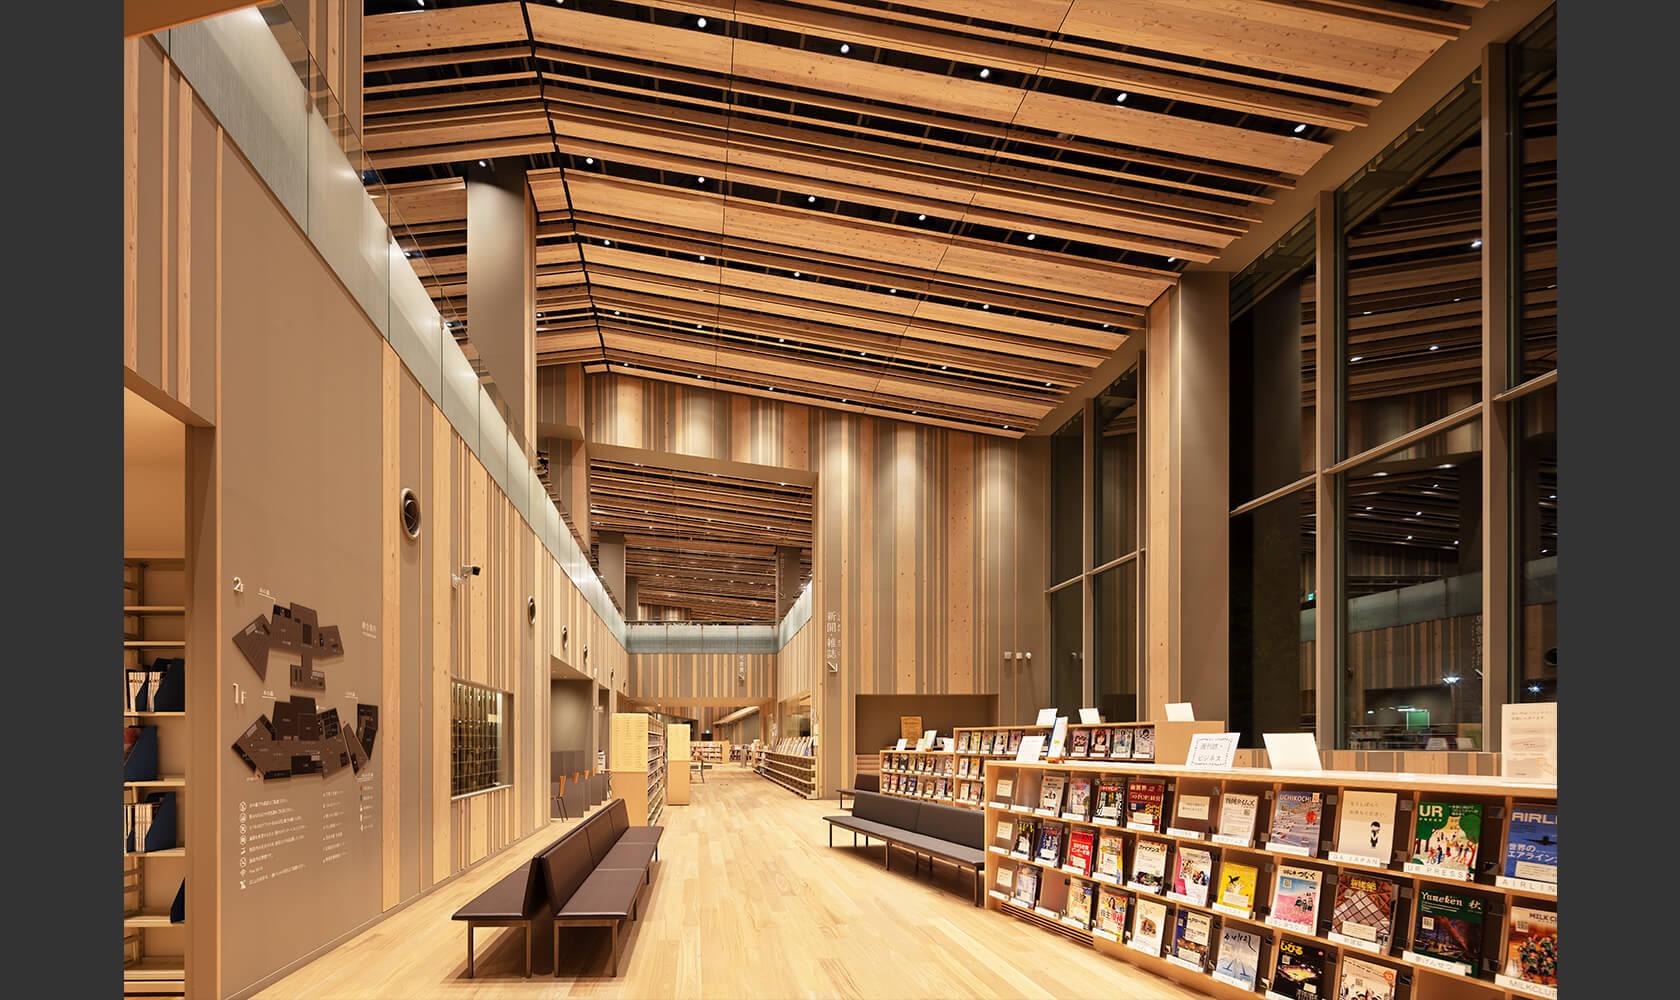 守山 市立 図書館 守山市立図書館 - Wikipedia